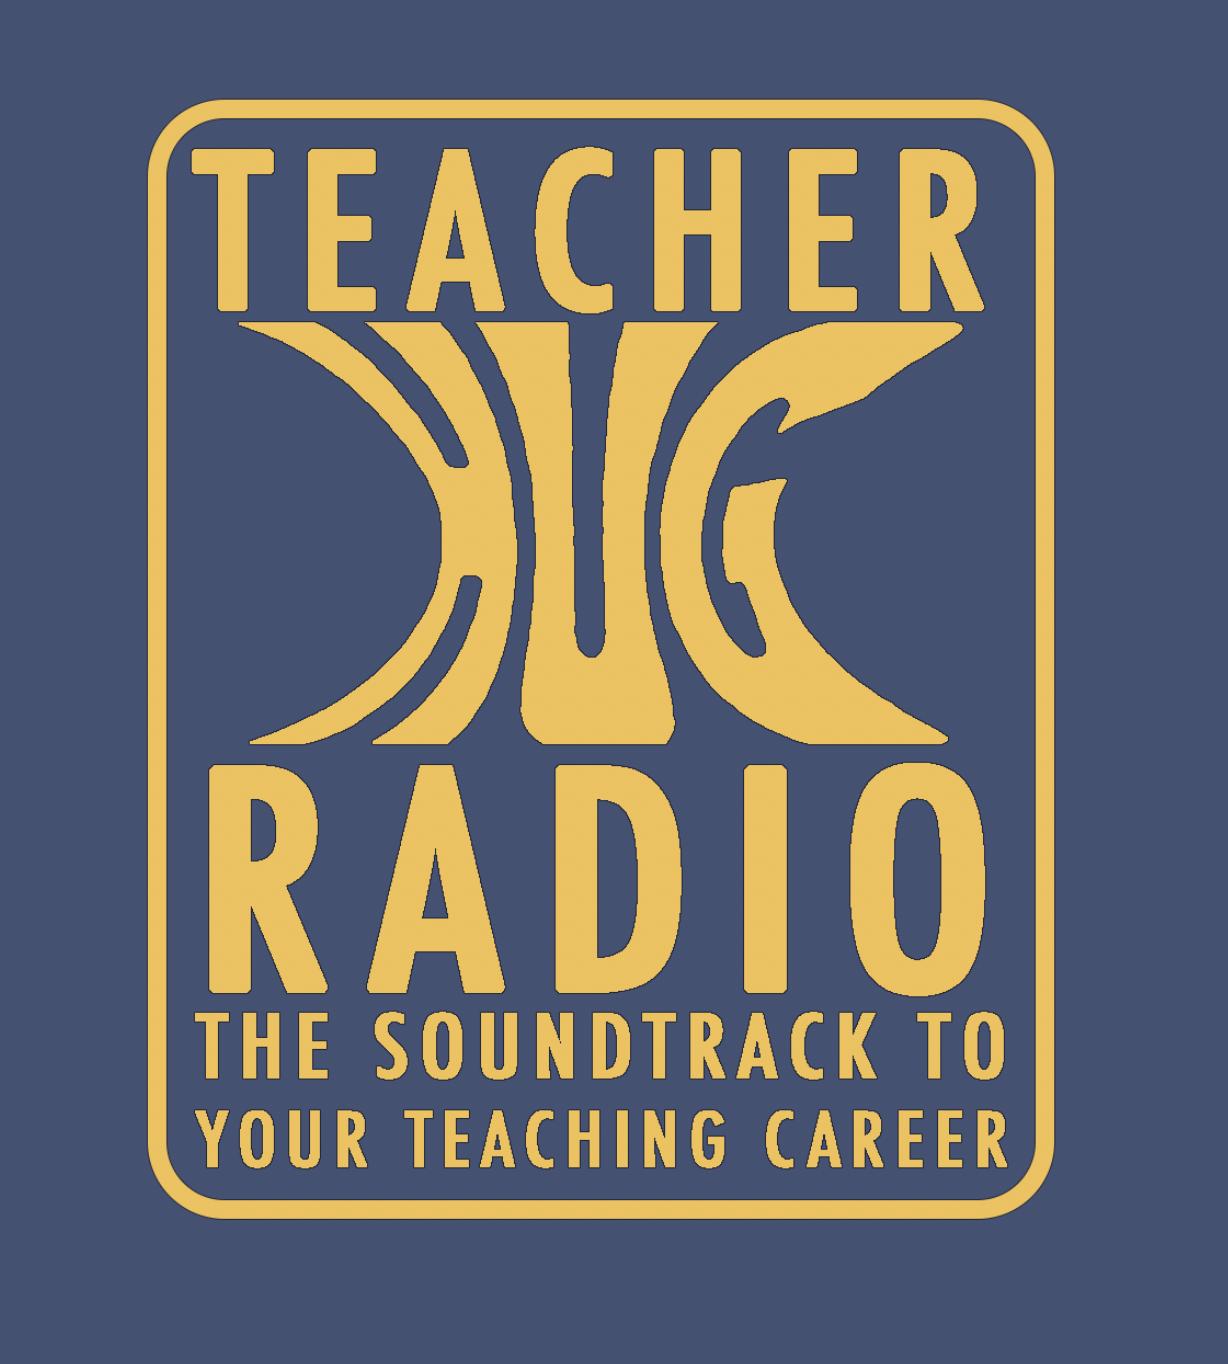 Teacher Hug Radio